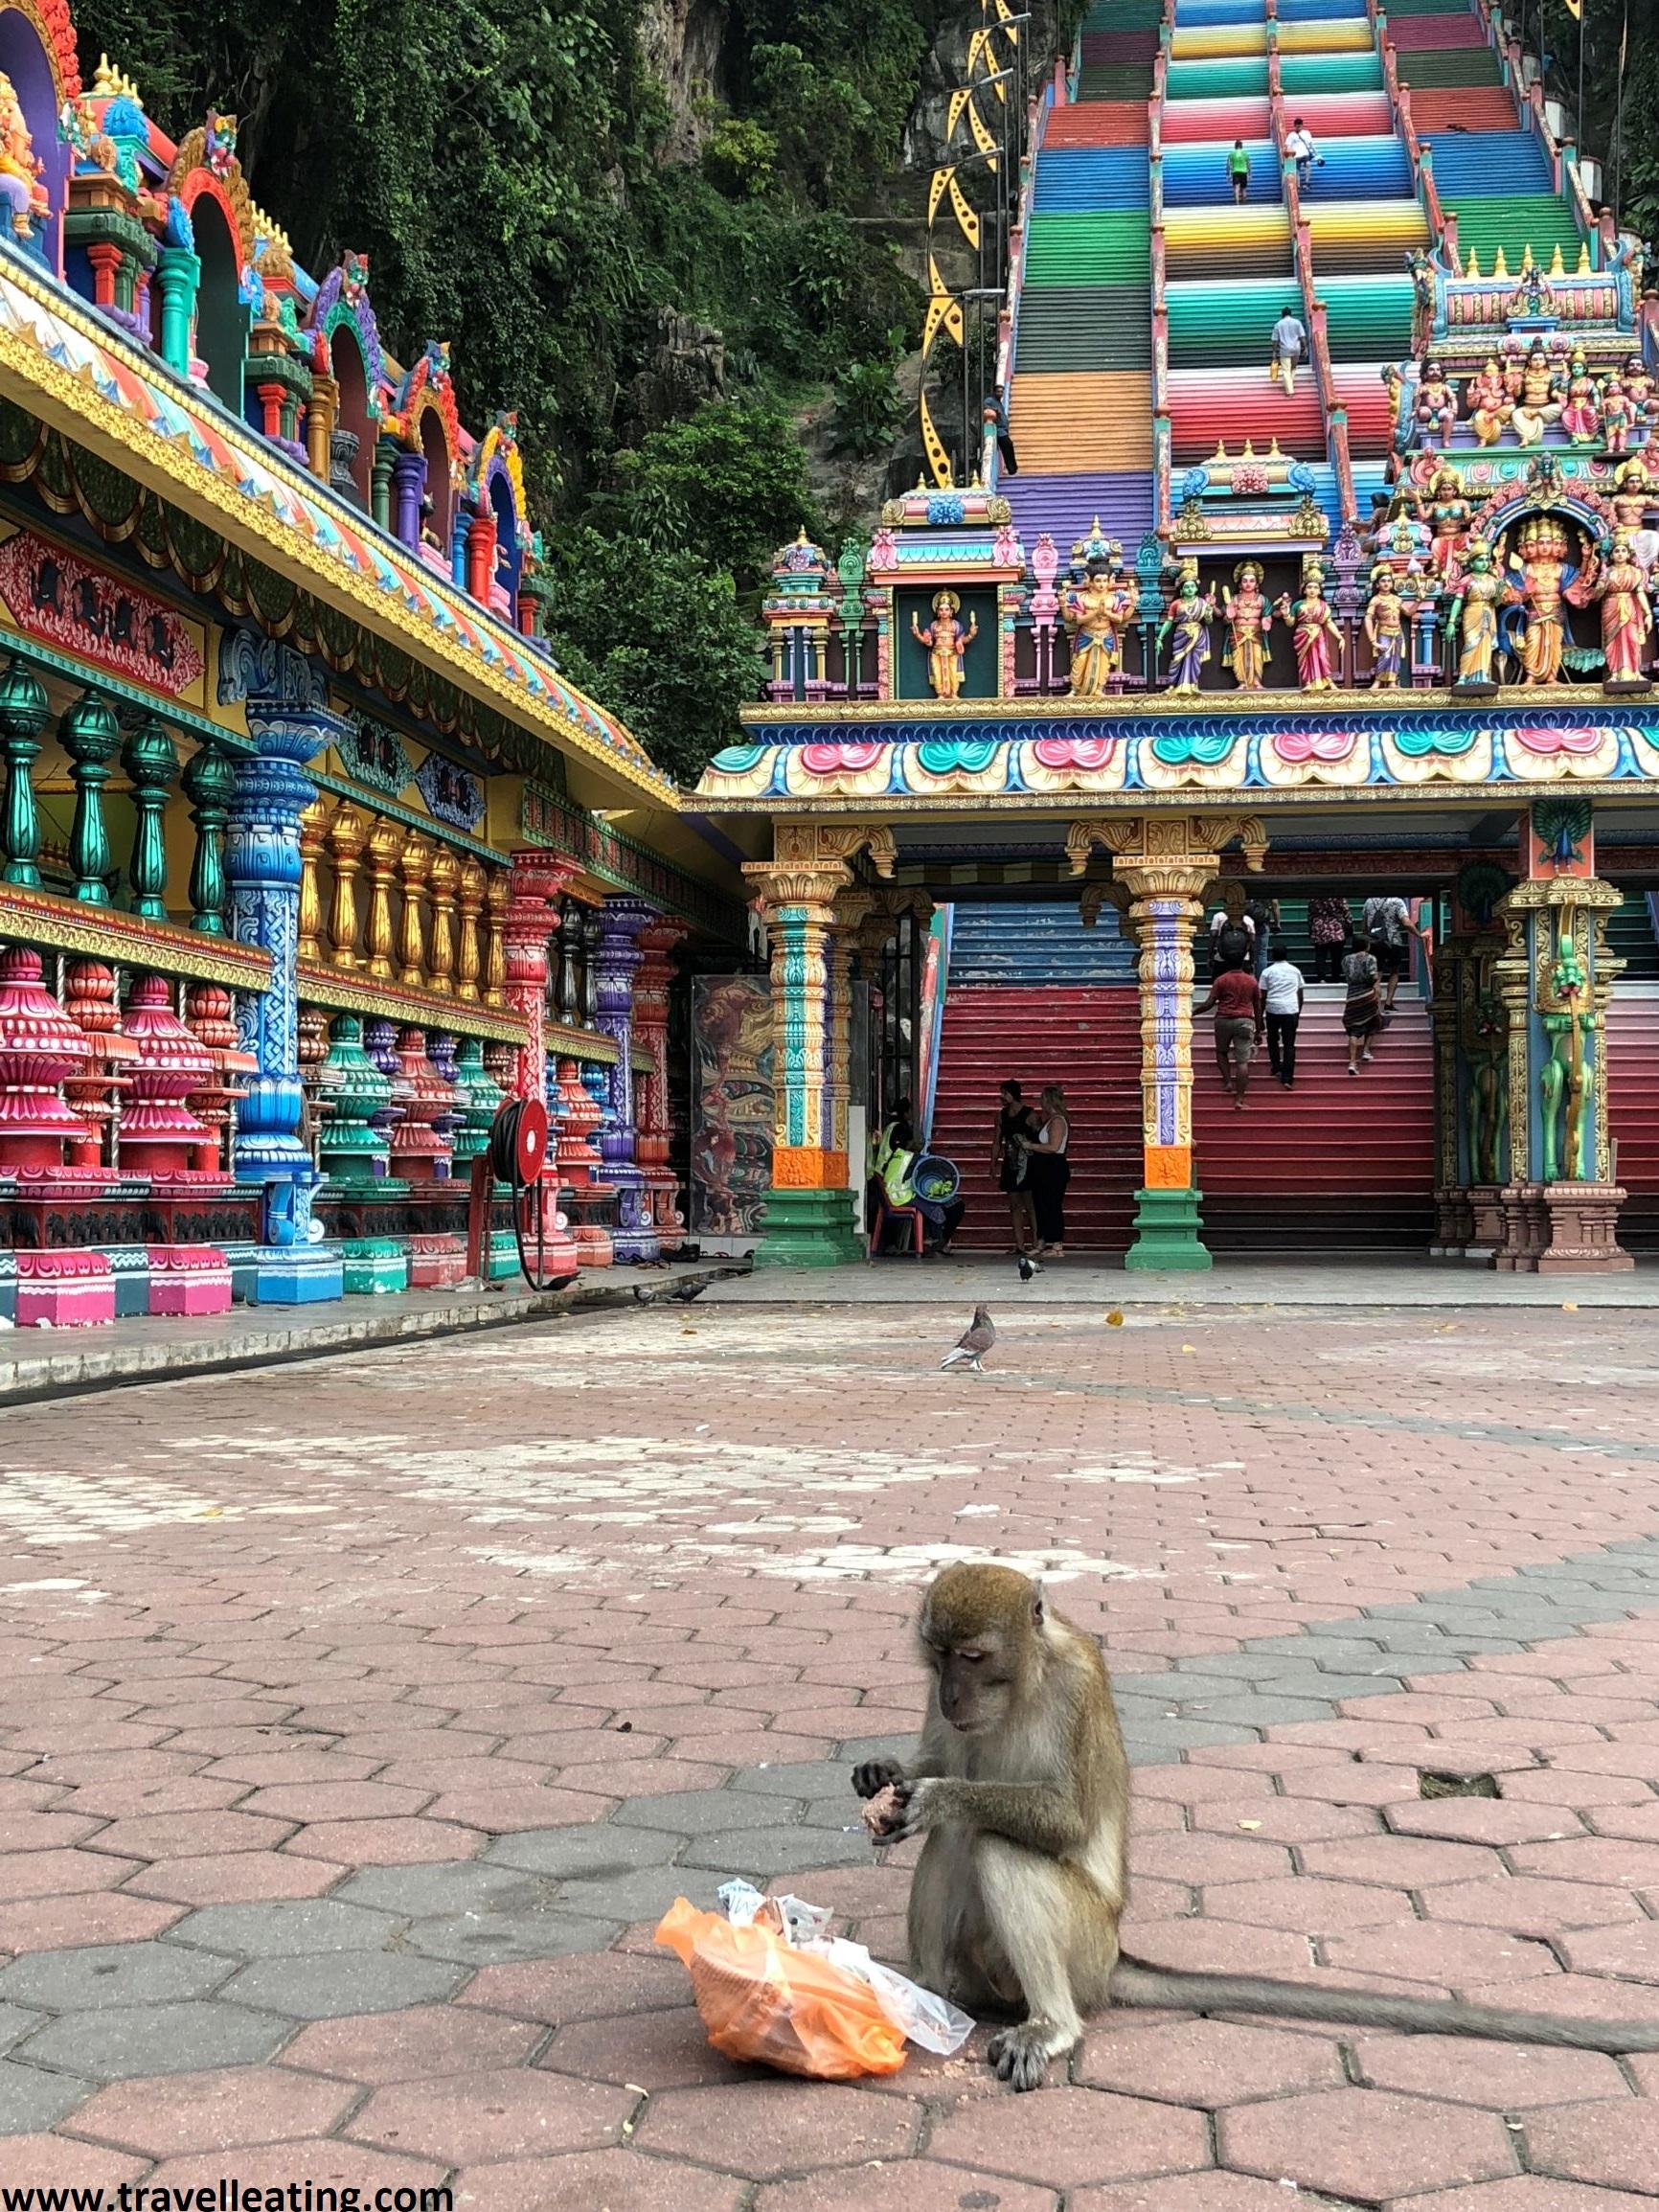 Alimentar a animales en templos budistas es algo muy popular, especialmente a los monos. Este es el caso de las Batu Caves.